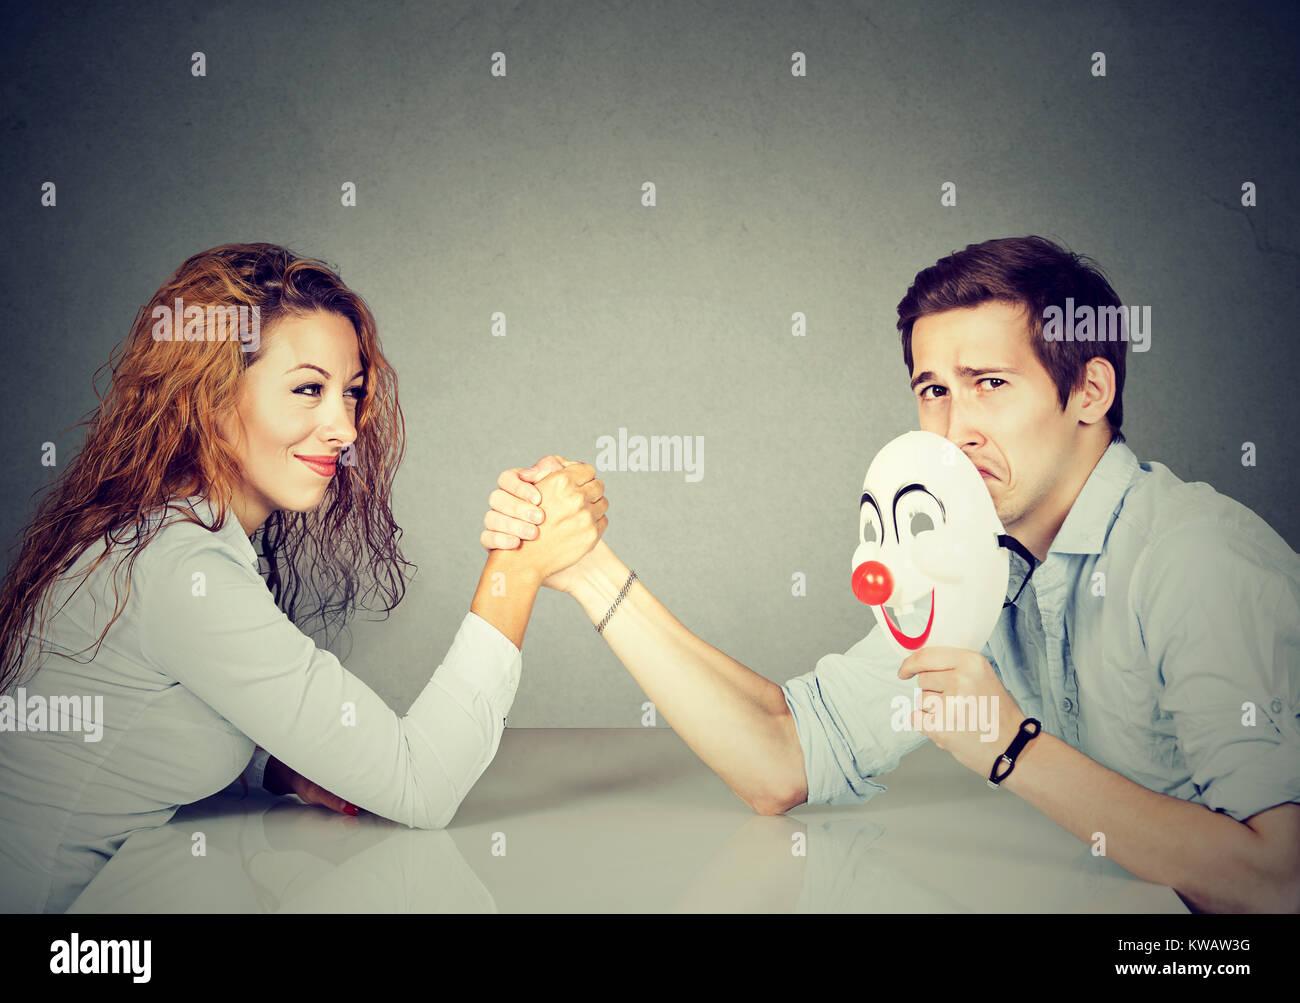 Frau und Mann in den Wettbewerb im Armdrücken Kampf für Gleichberechtigung Stockbild